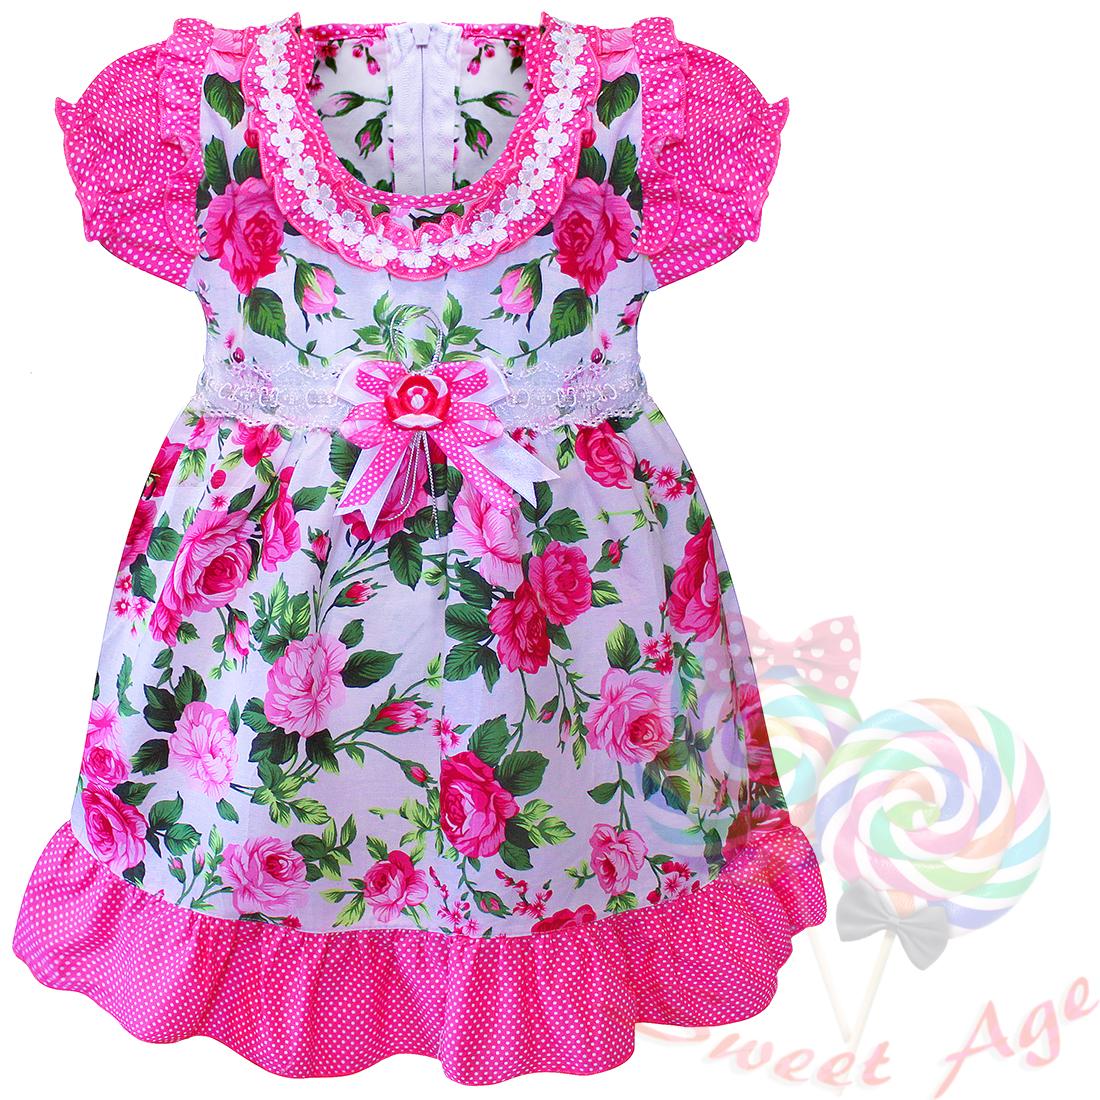 Сбор заказов. Sweet age - яркая одежда для детей (от 56 до 128 см). Без рядов - 3